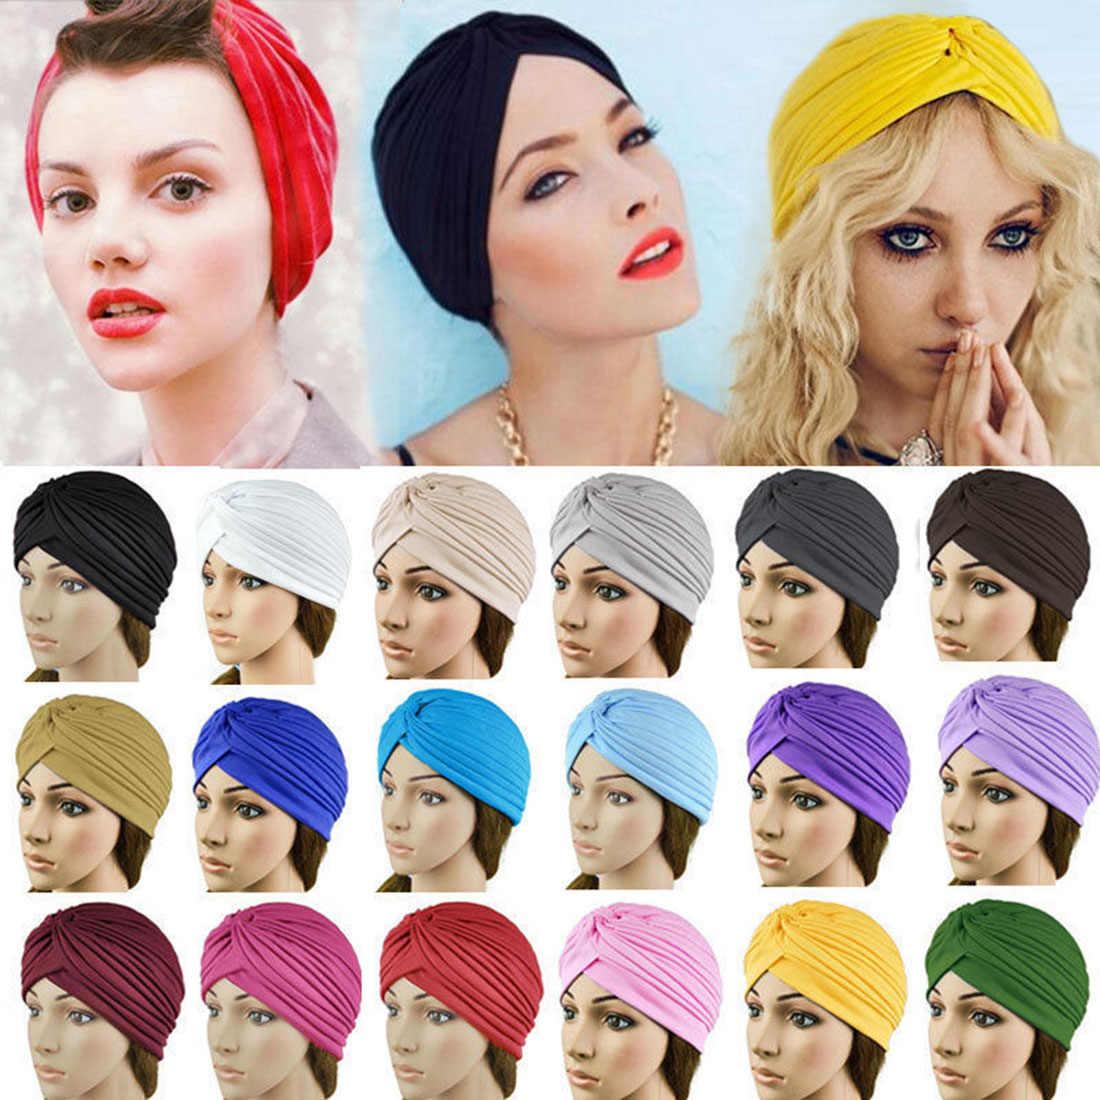 2019 Bandanas chauds femmes extensible Turban musulman chapeau bandeau chaîne femme chimio Hijab noué indien chapeau adulte tête enveloppement pour les femmes